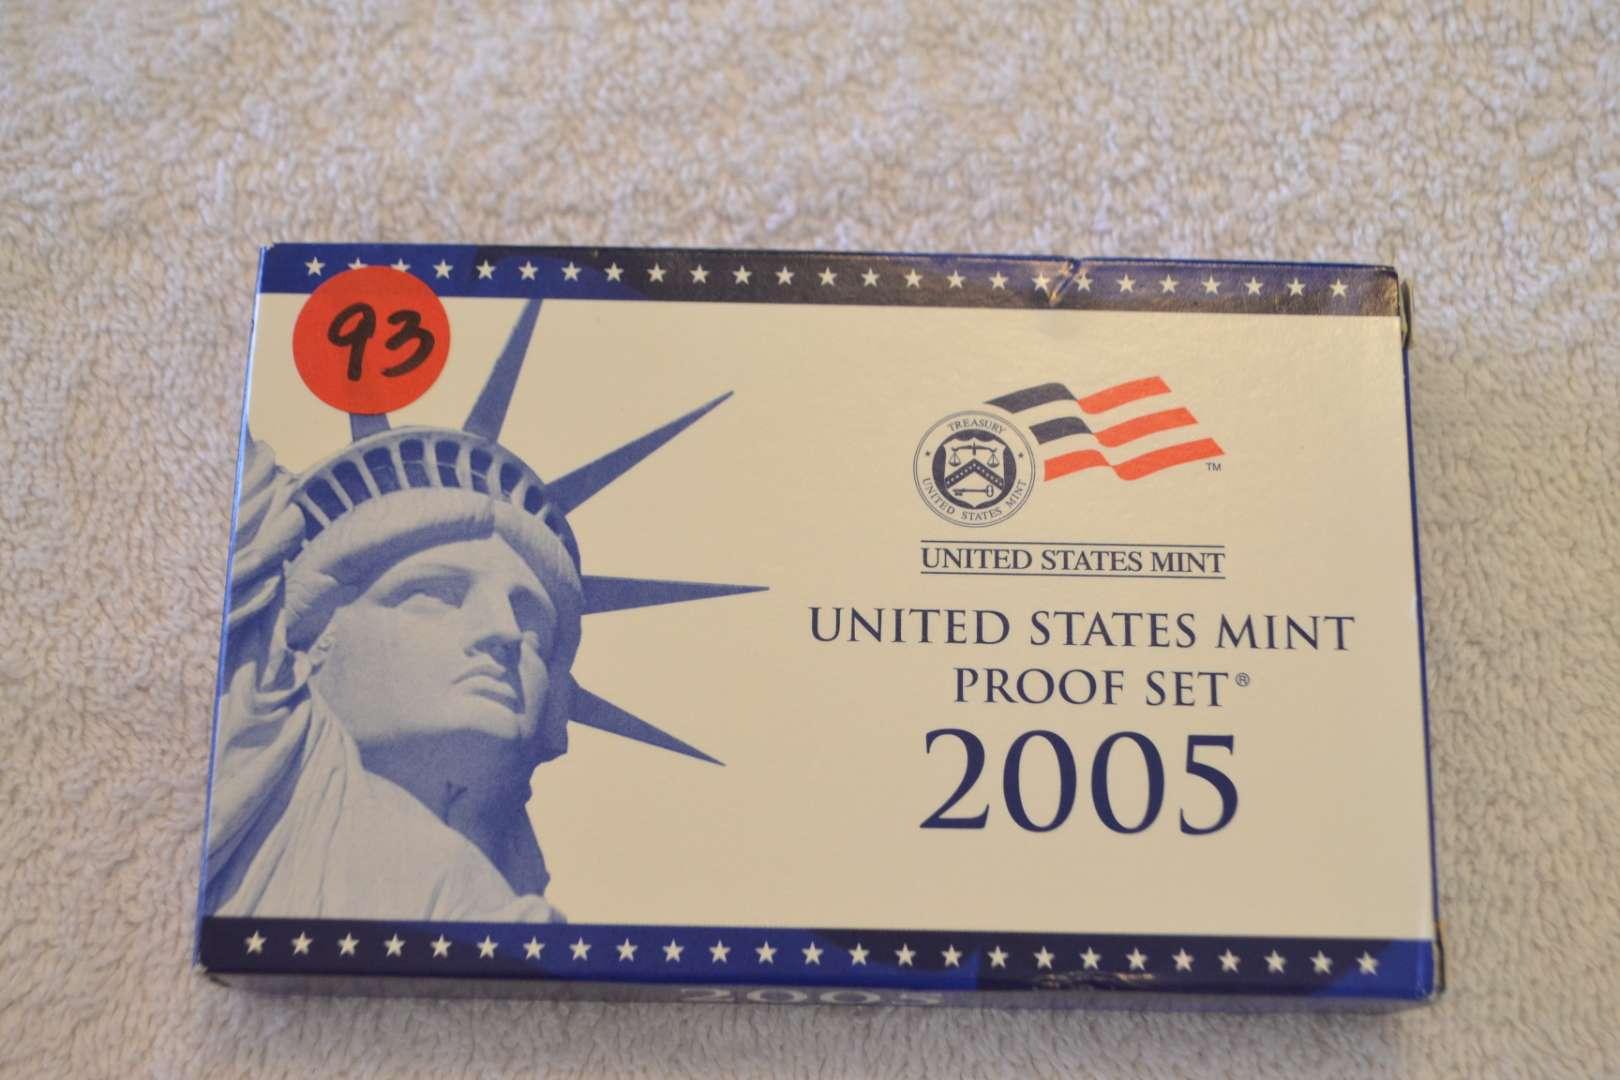 Lot # 93 2005 UNITED STATES MINT PROOF SET